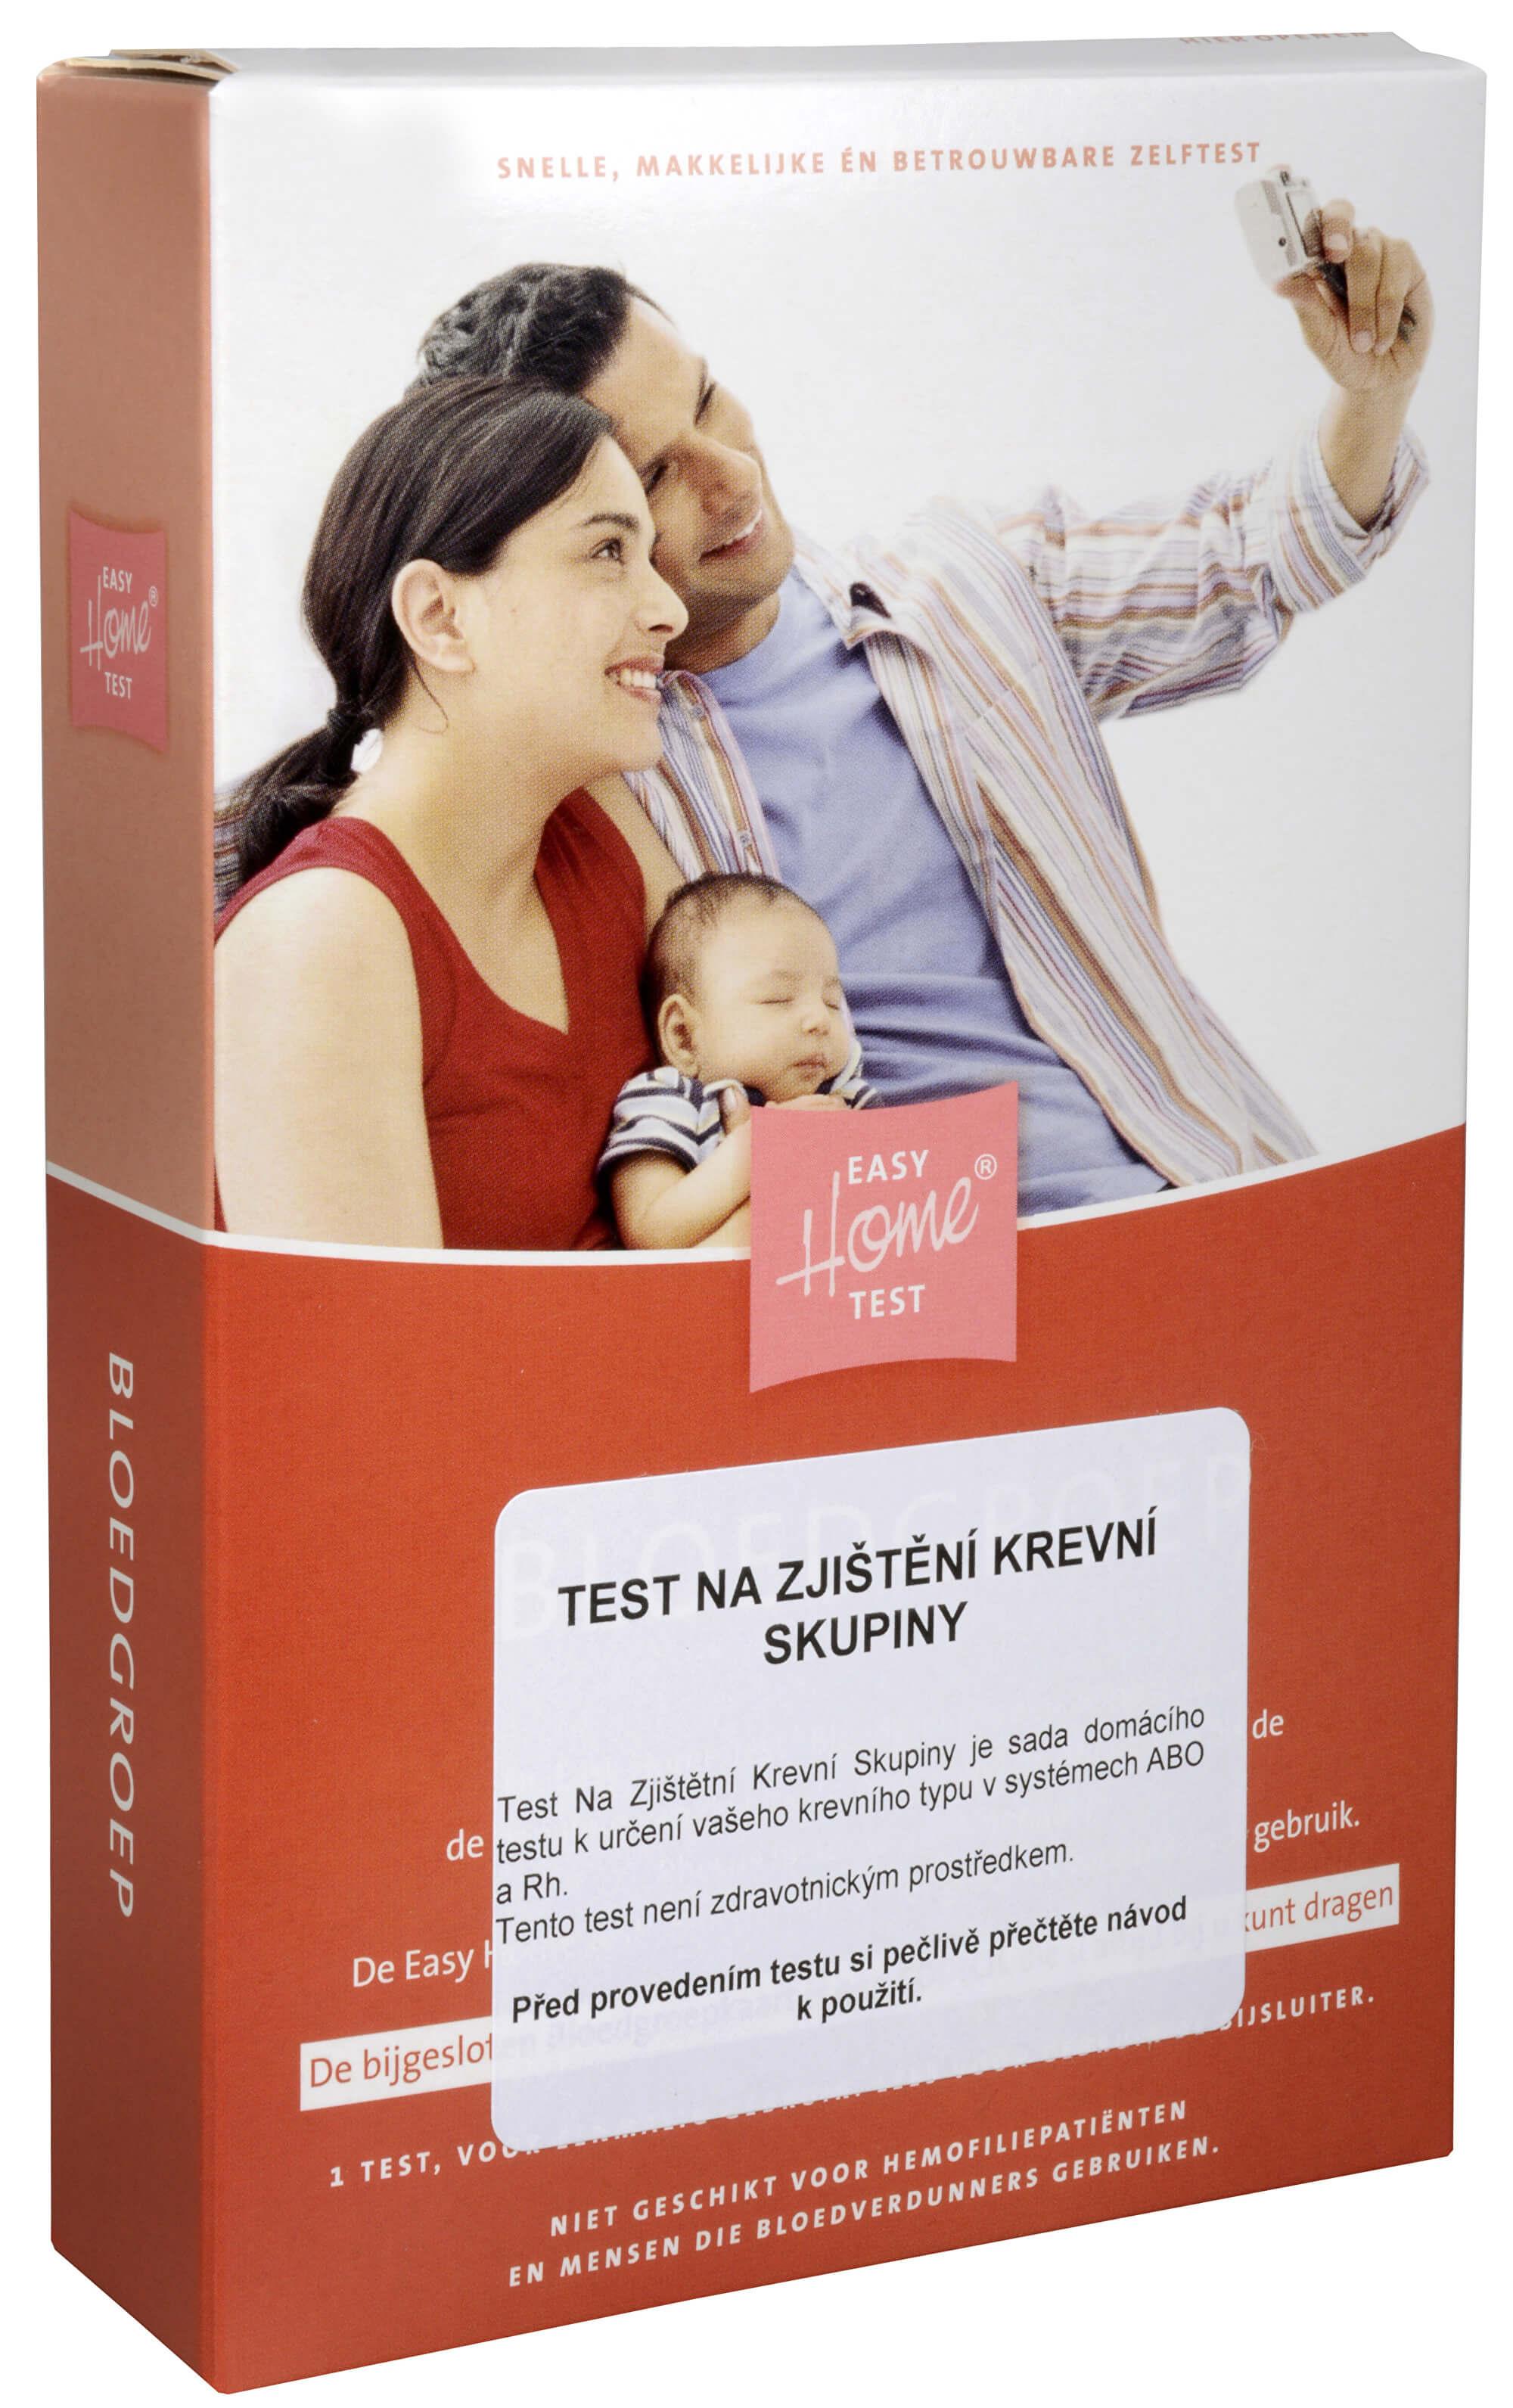 test grupa sanguina